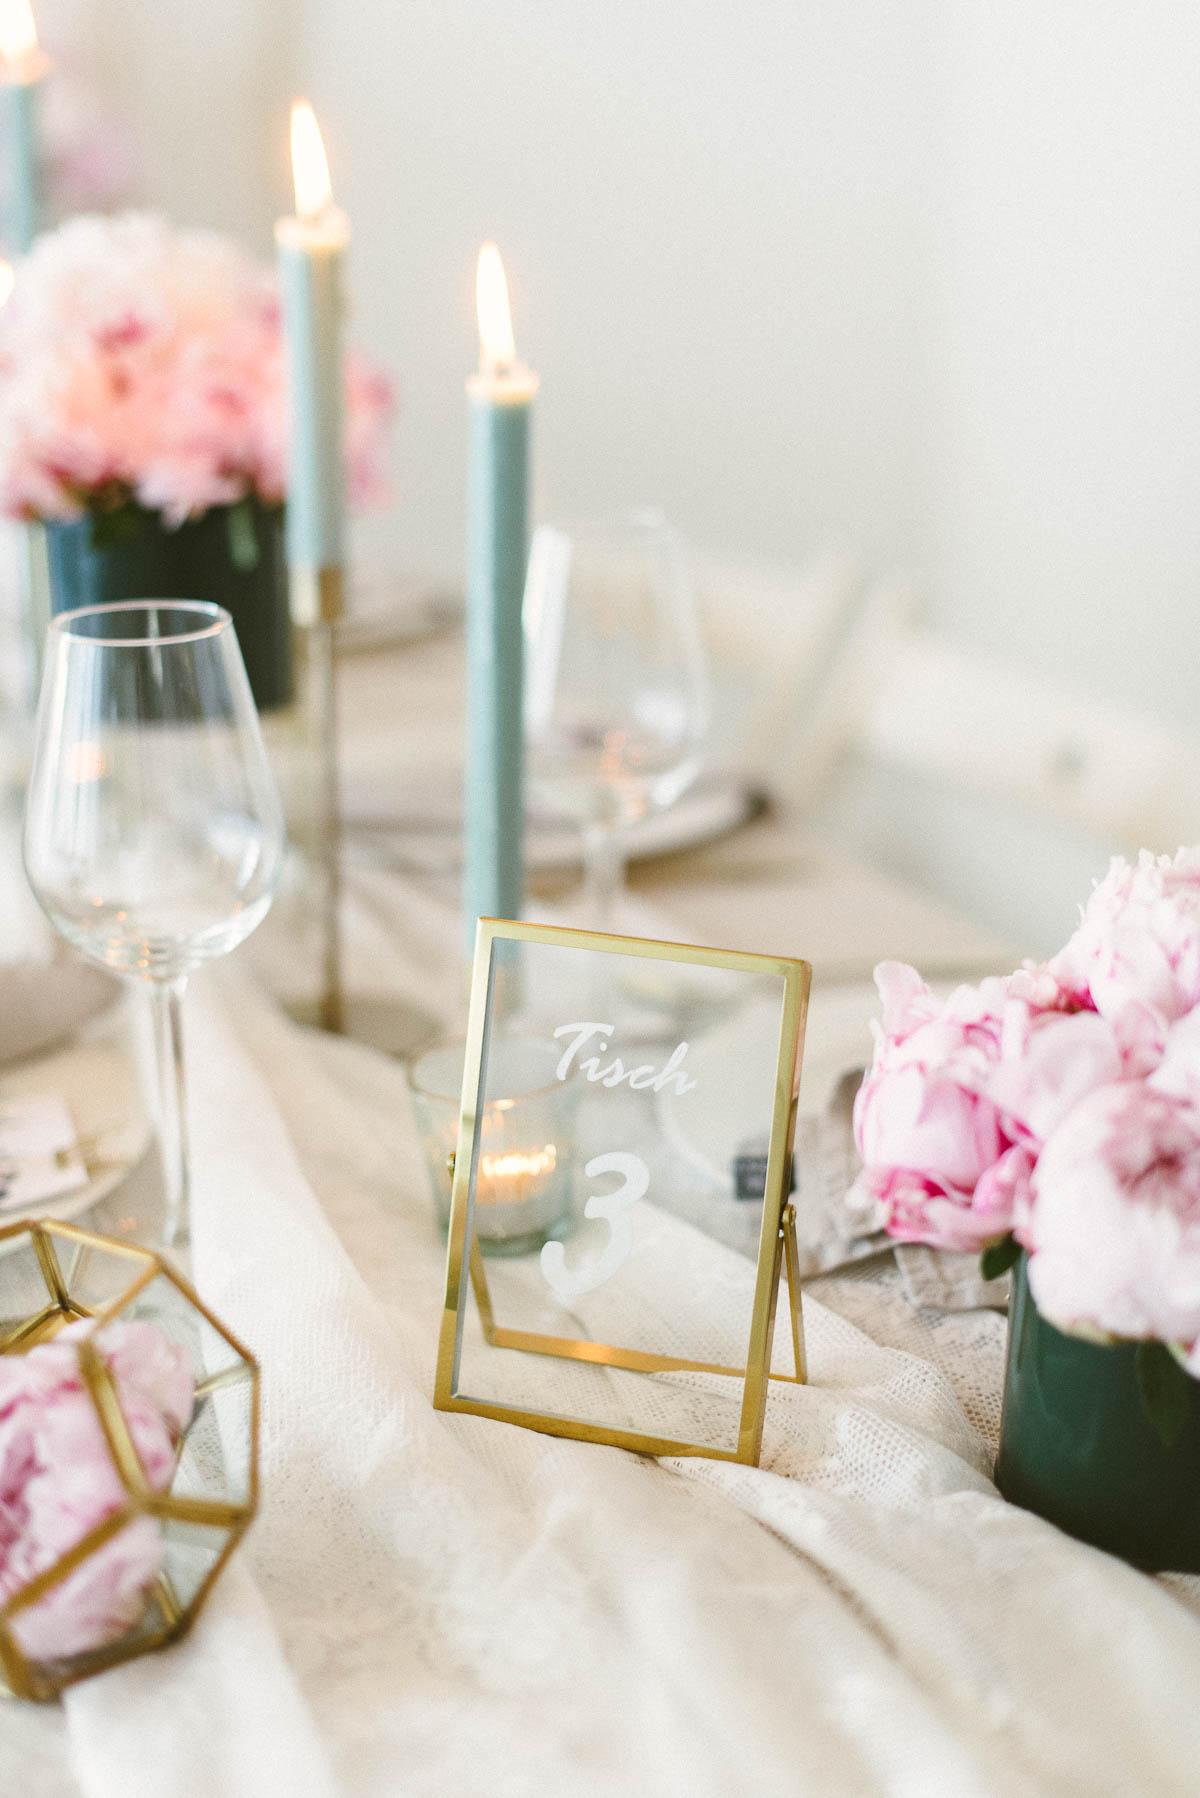 Tischnummer in goldenem Rahmen